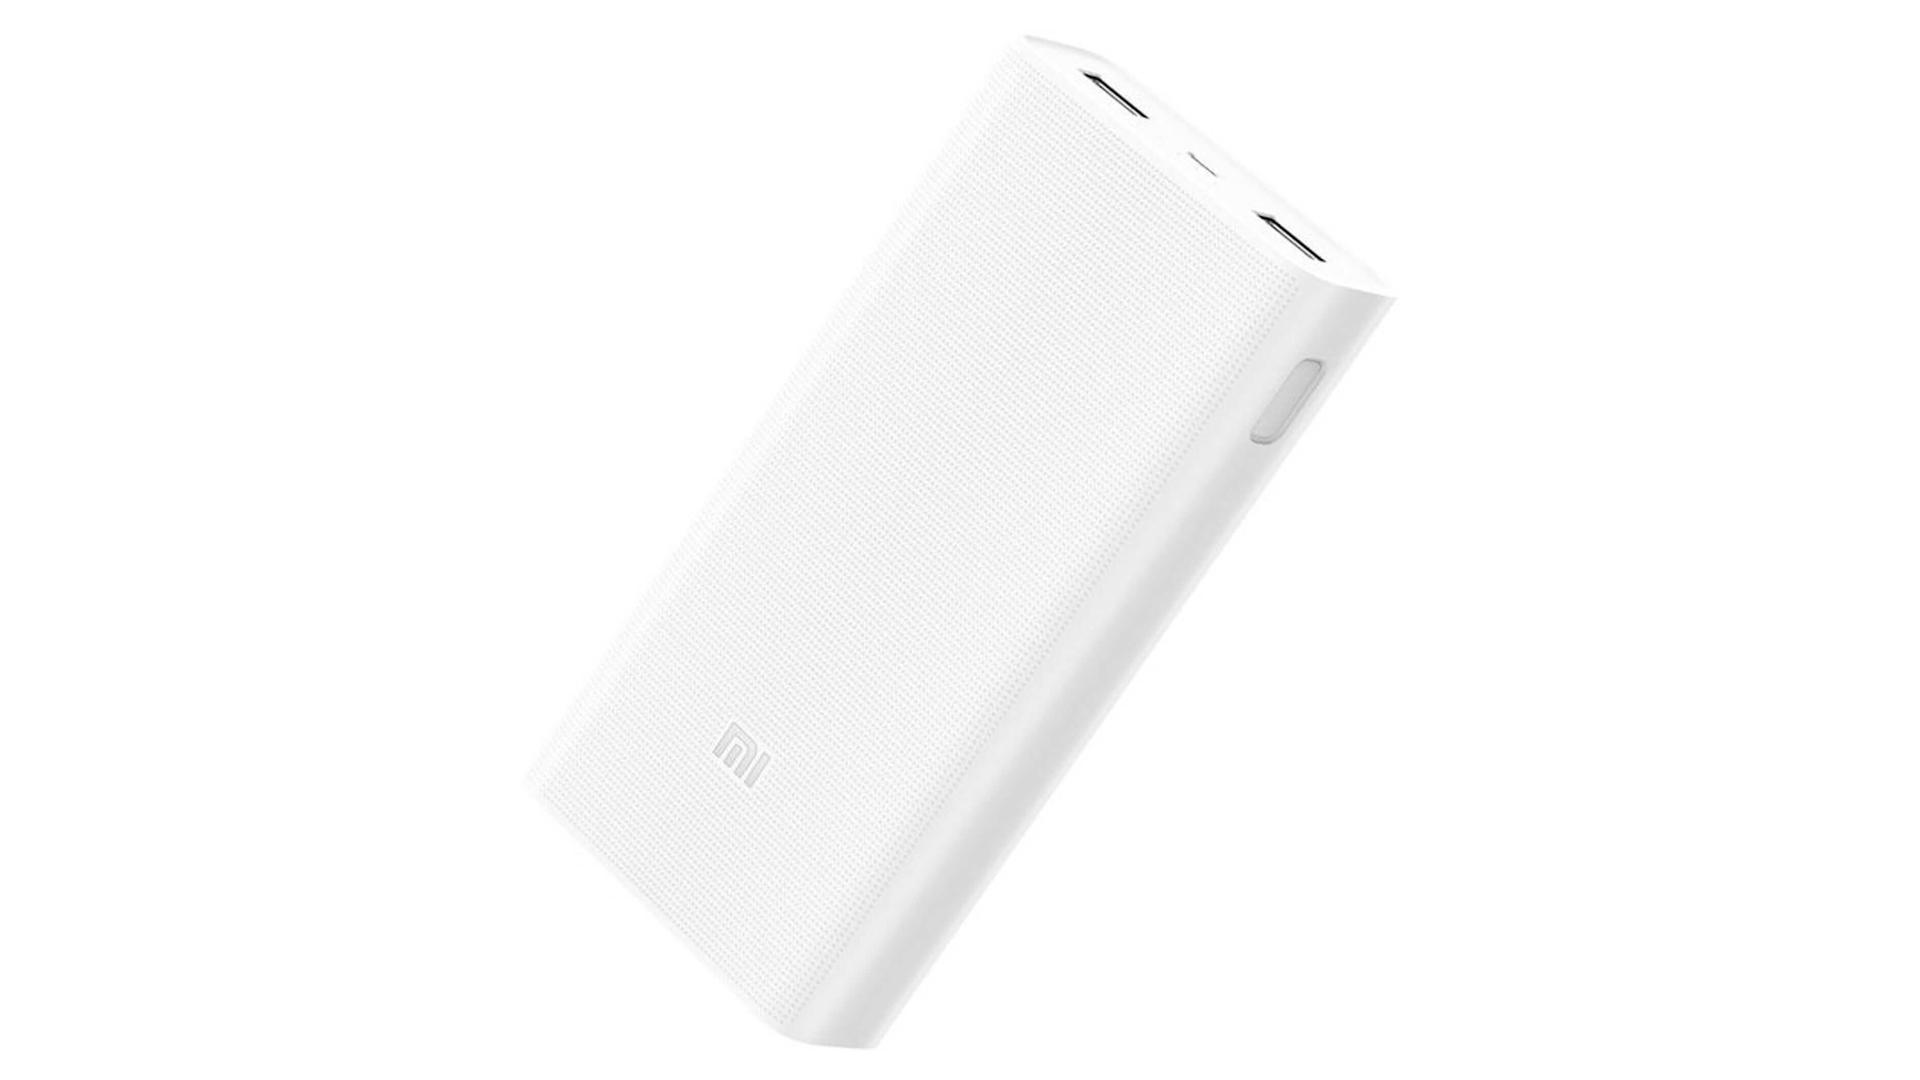 La batterie portable 20000 mAh de Xiaomi à moins de 20 euros